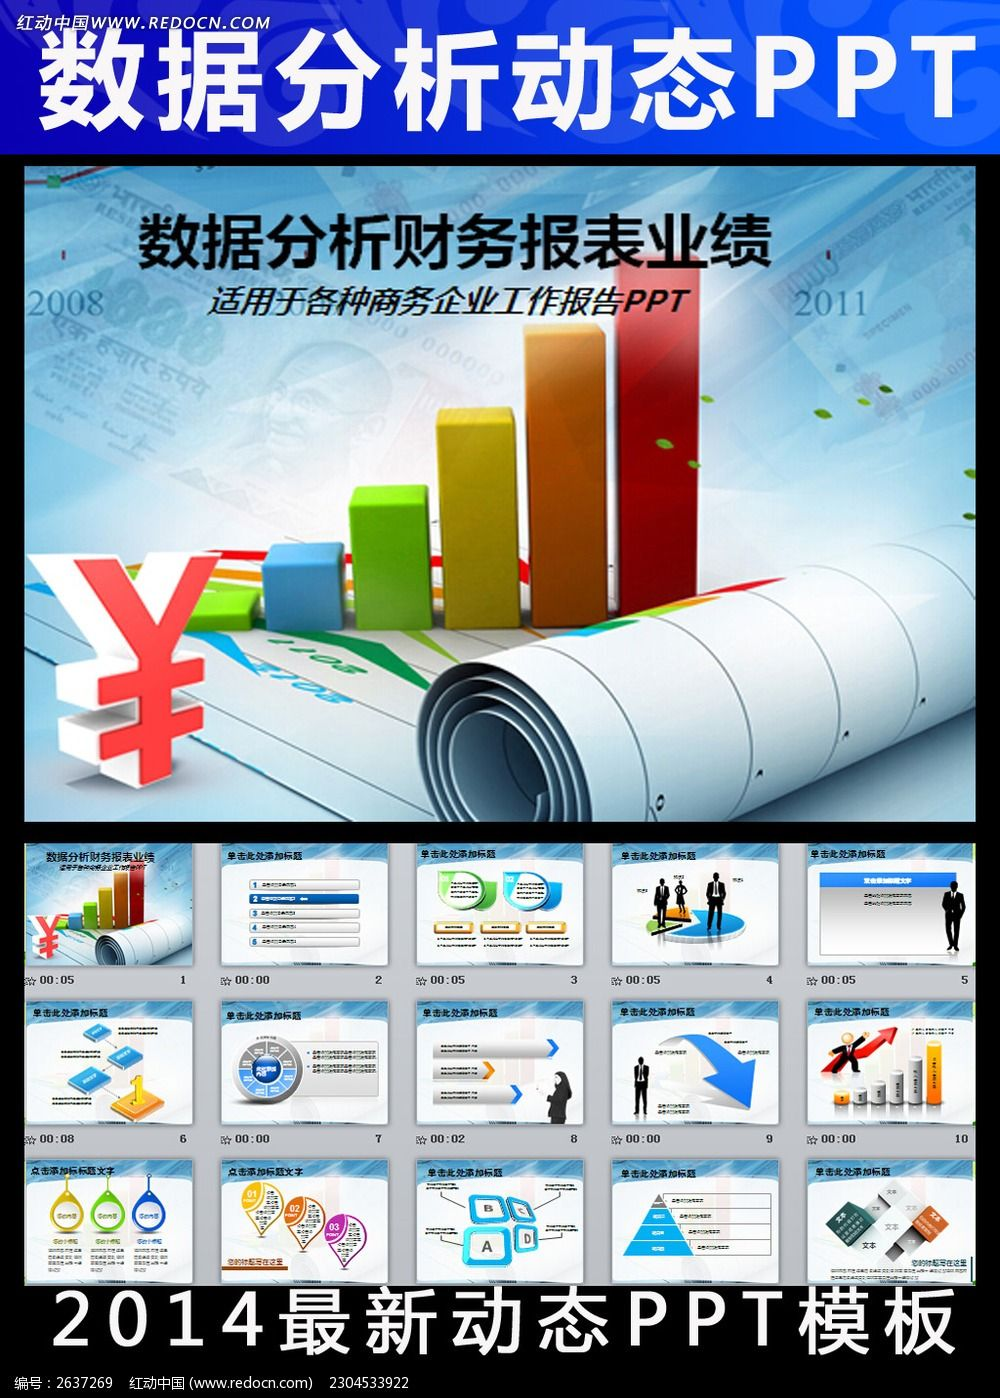 财务数据分析报告调研报告统计ppt